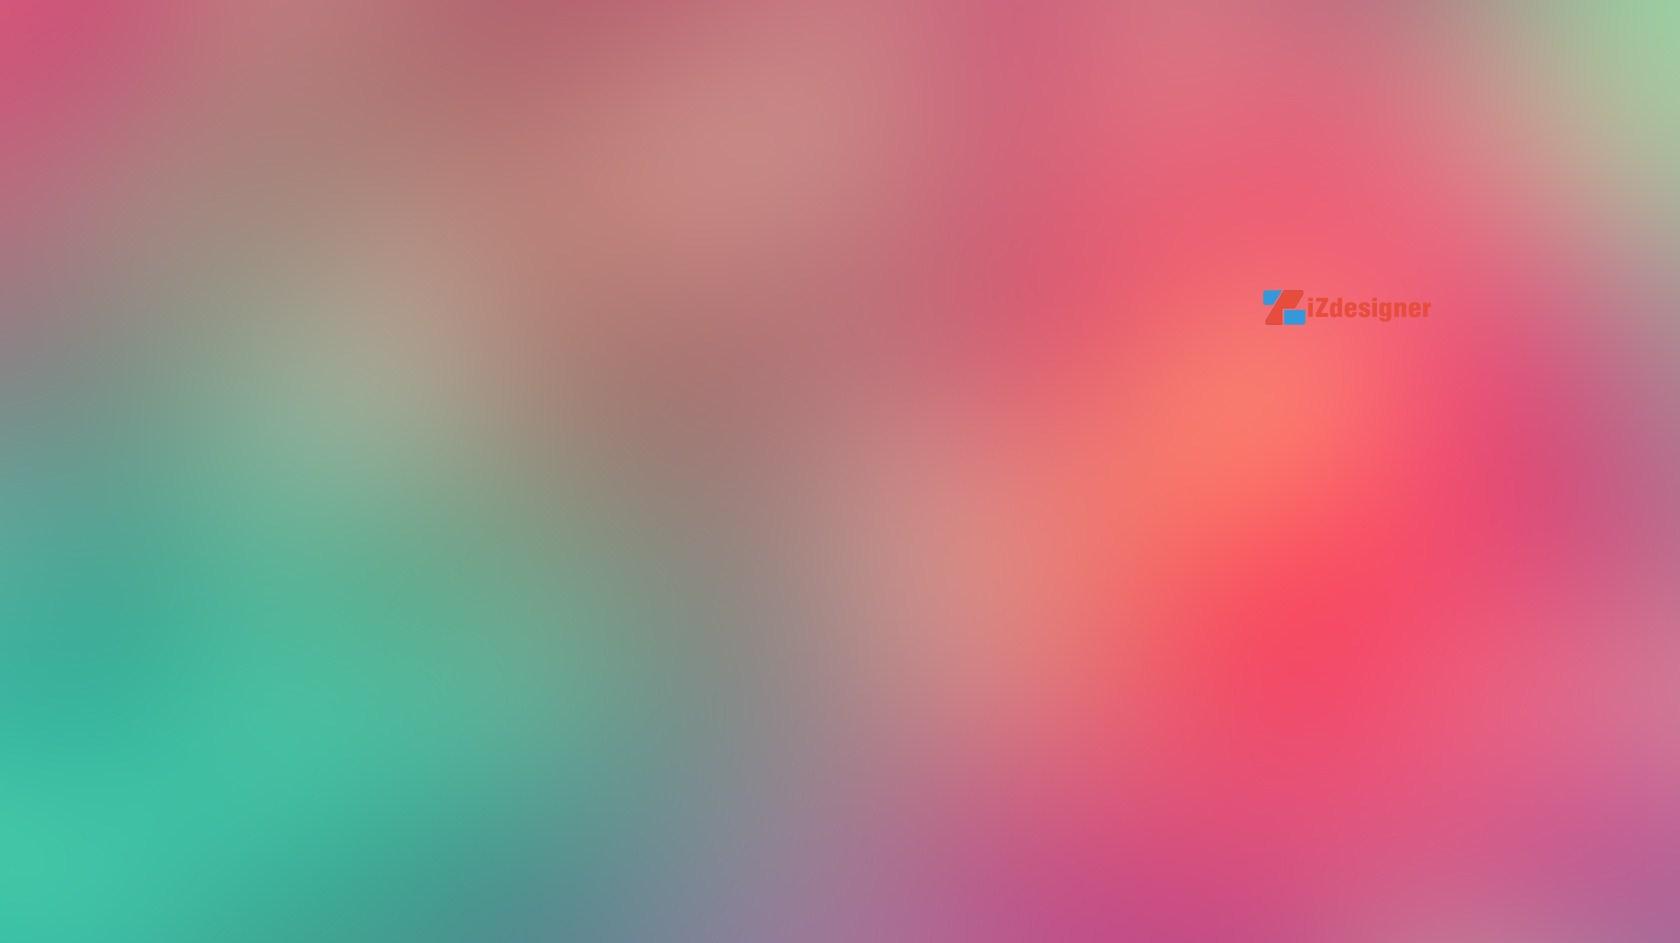 Khái niệm về màu gradients